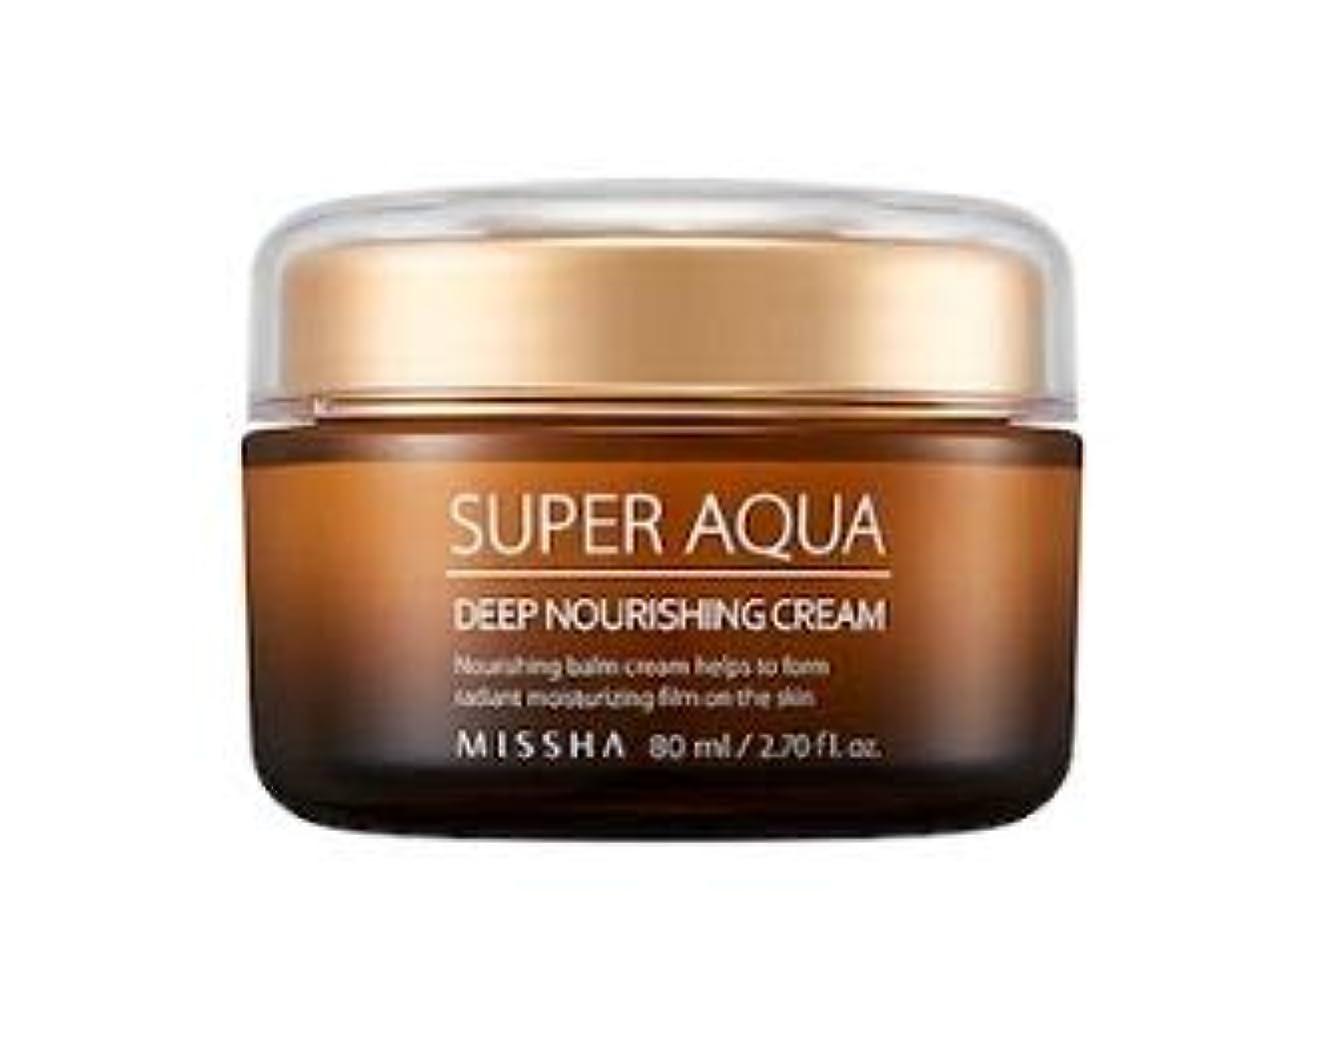 滅多不測の事態複製MISSHA Super Aqua Ultra Water Full Deep Nourishing Cream ミシャ スーパーアクアウルトラウォーターフルディープナリシングクリーム [並行輸入品]